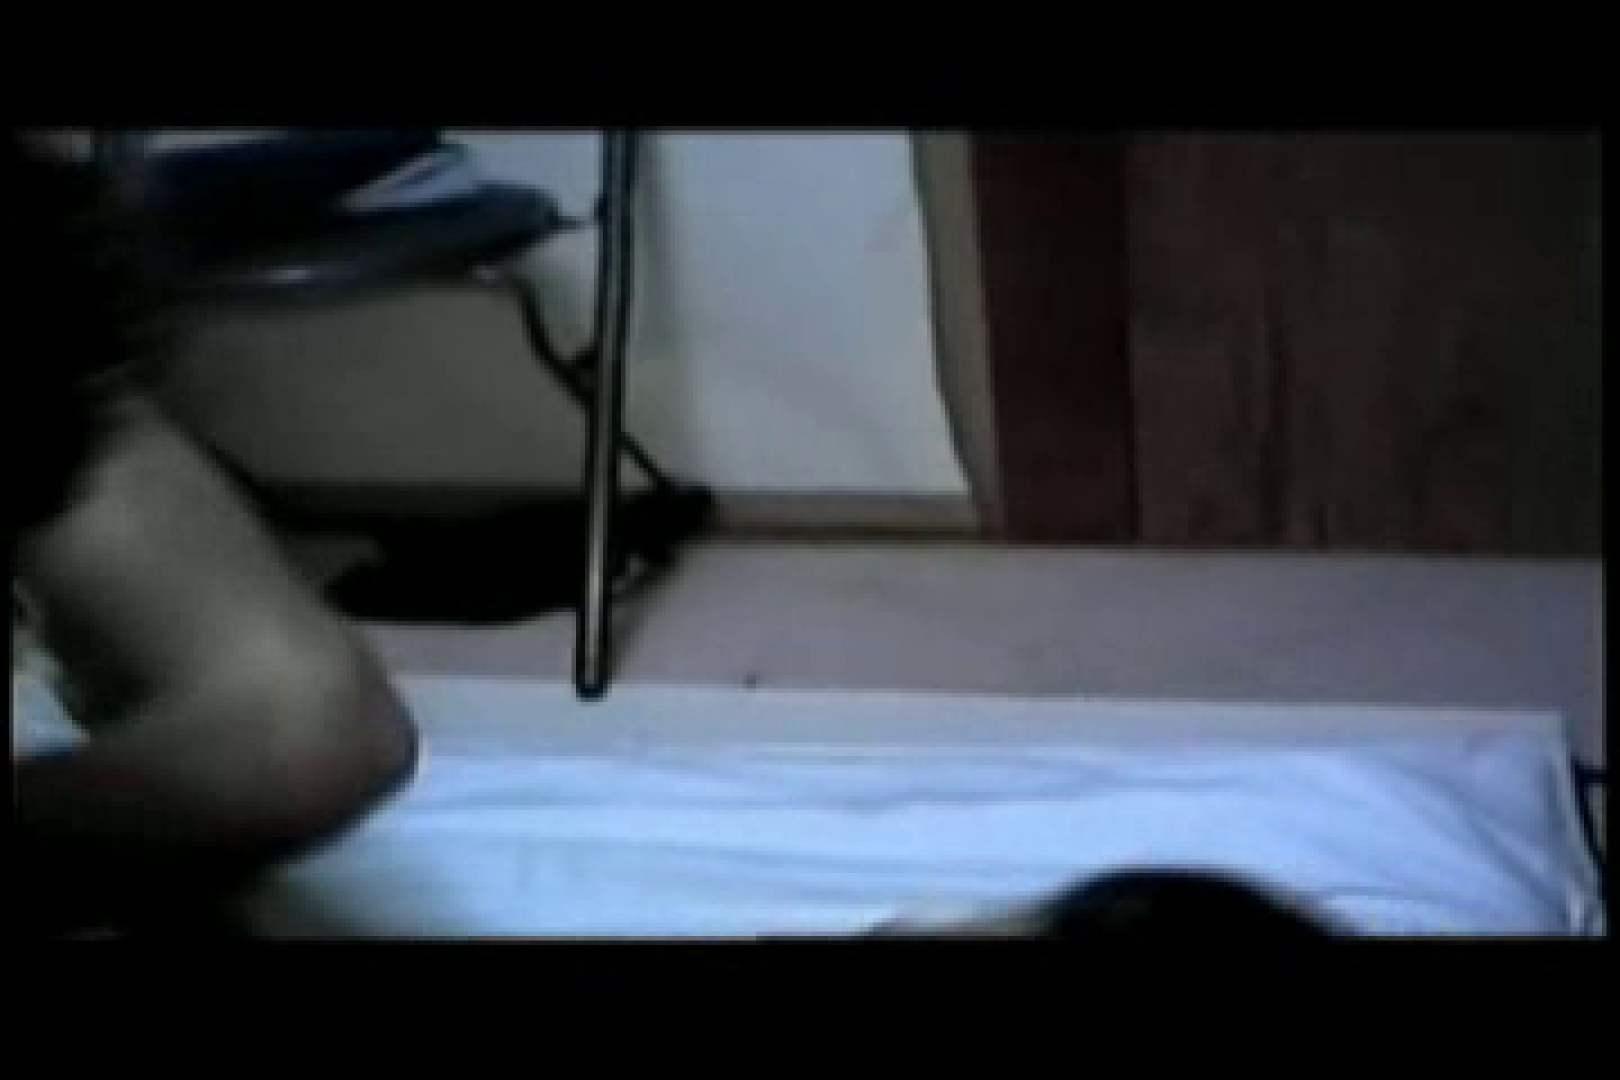 【実録個人撮影】男の子達の禁断の愛欲性活!!vol.04 手淫 ゲイエロ画像 109枚 30